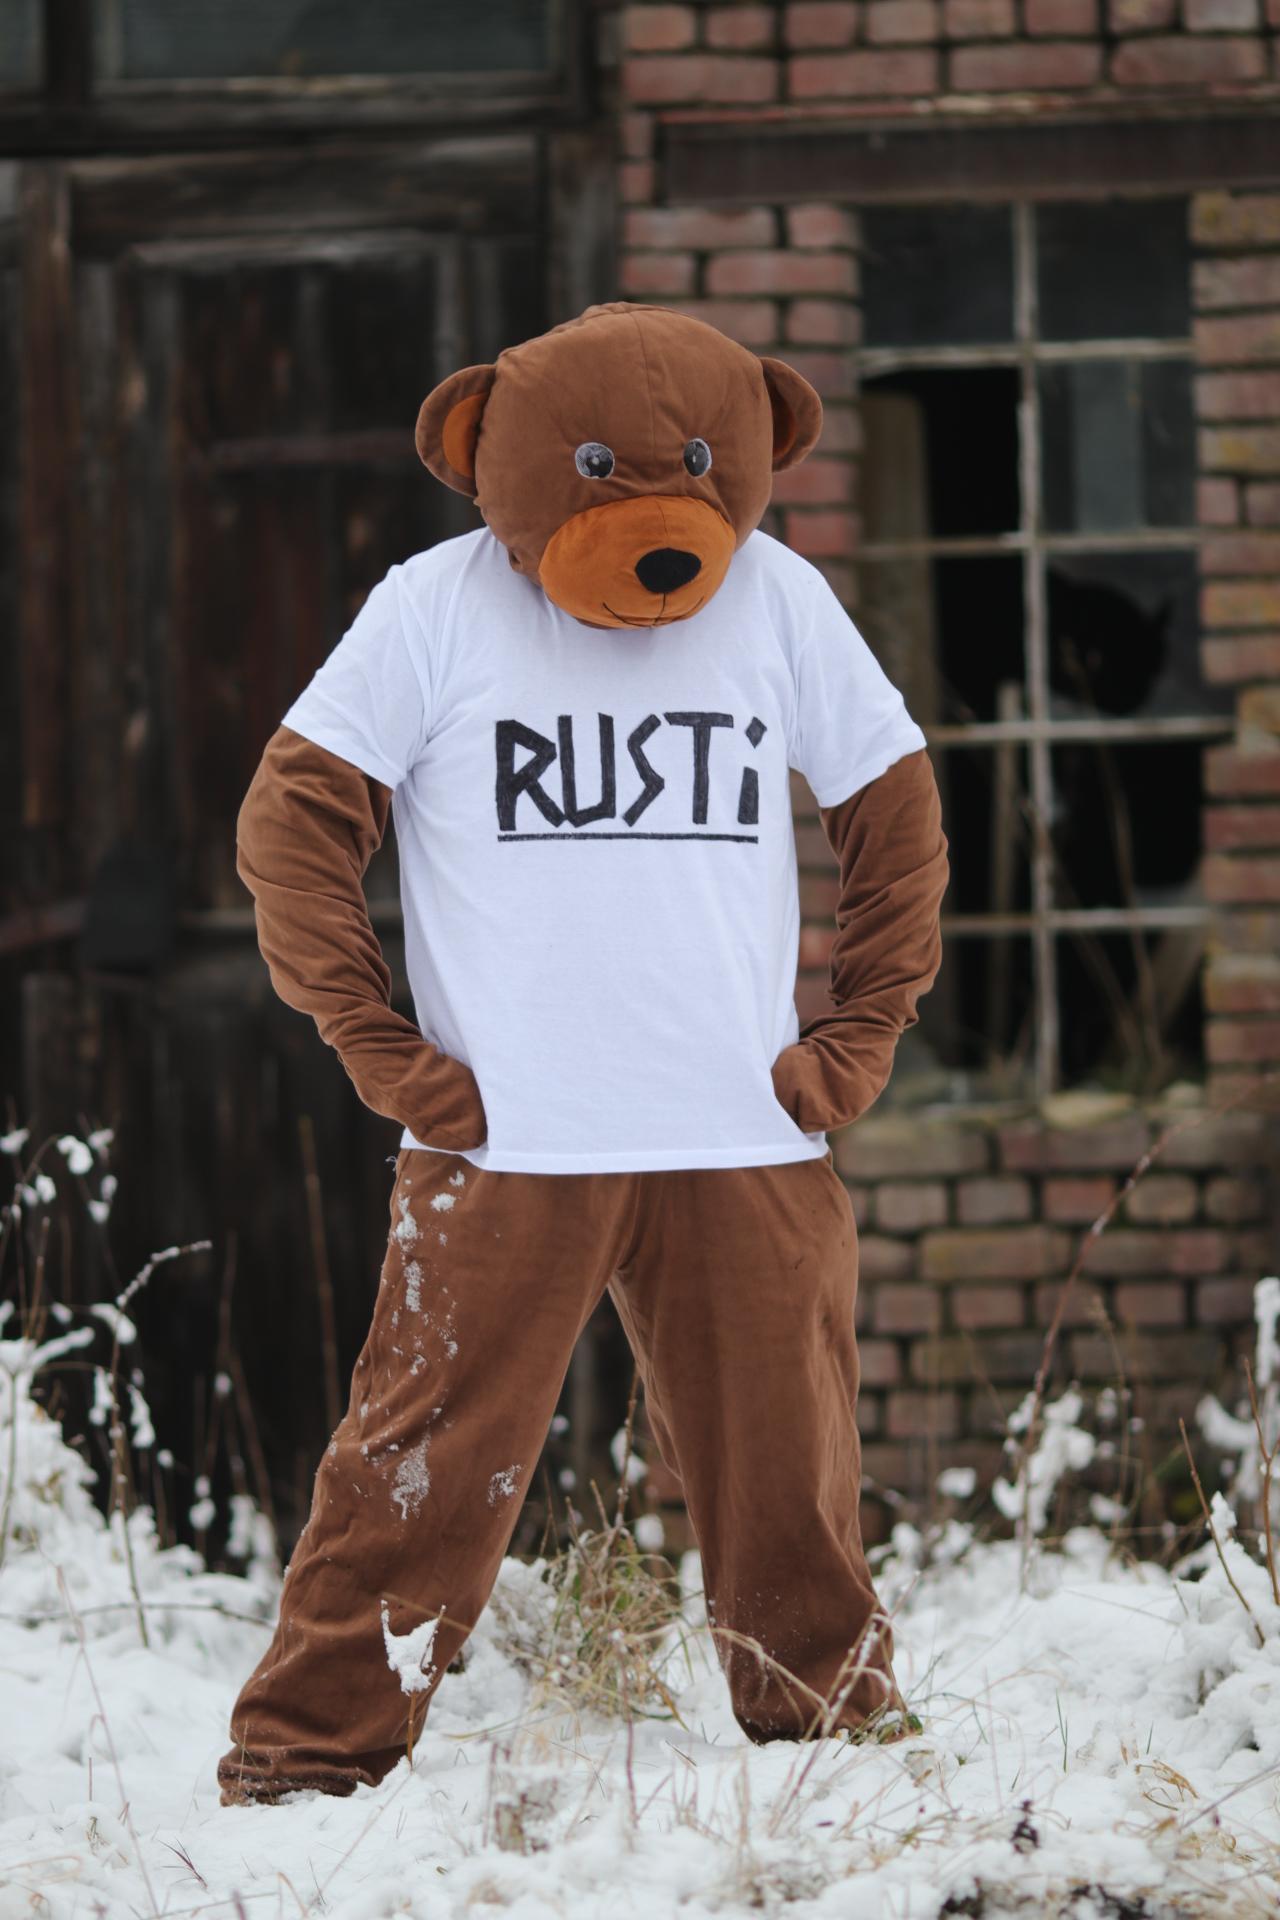 Rusti - Rustikarl